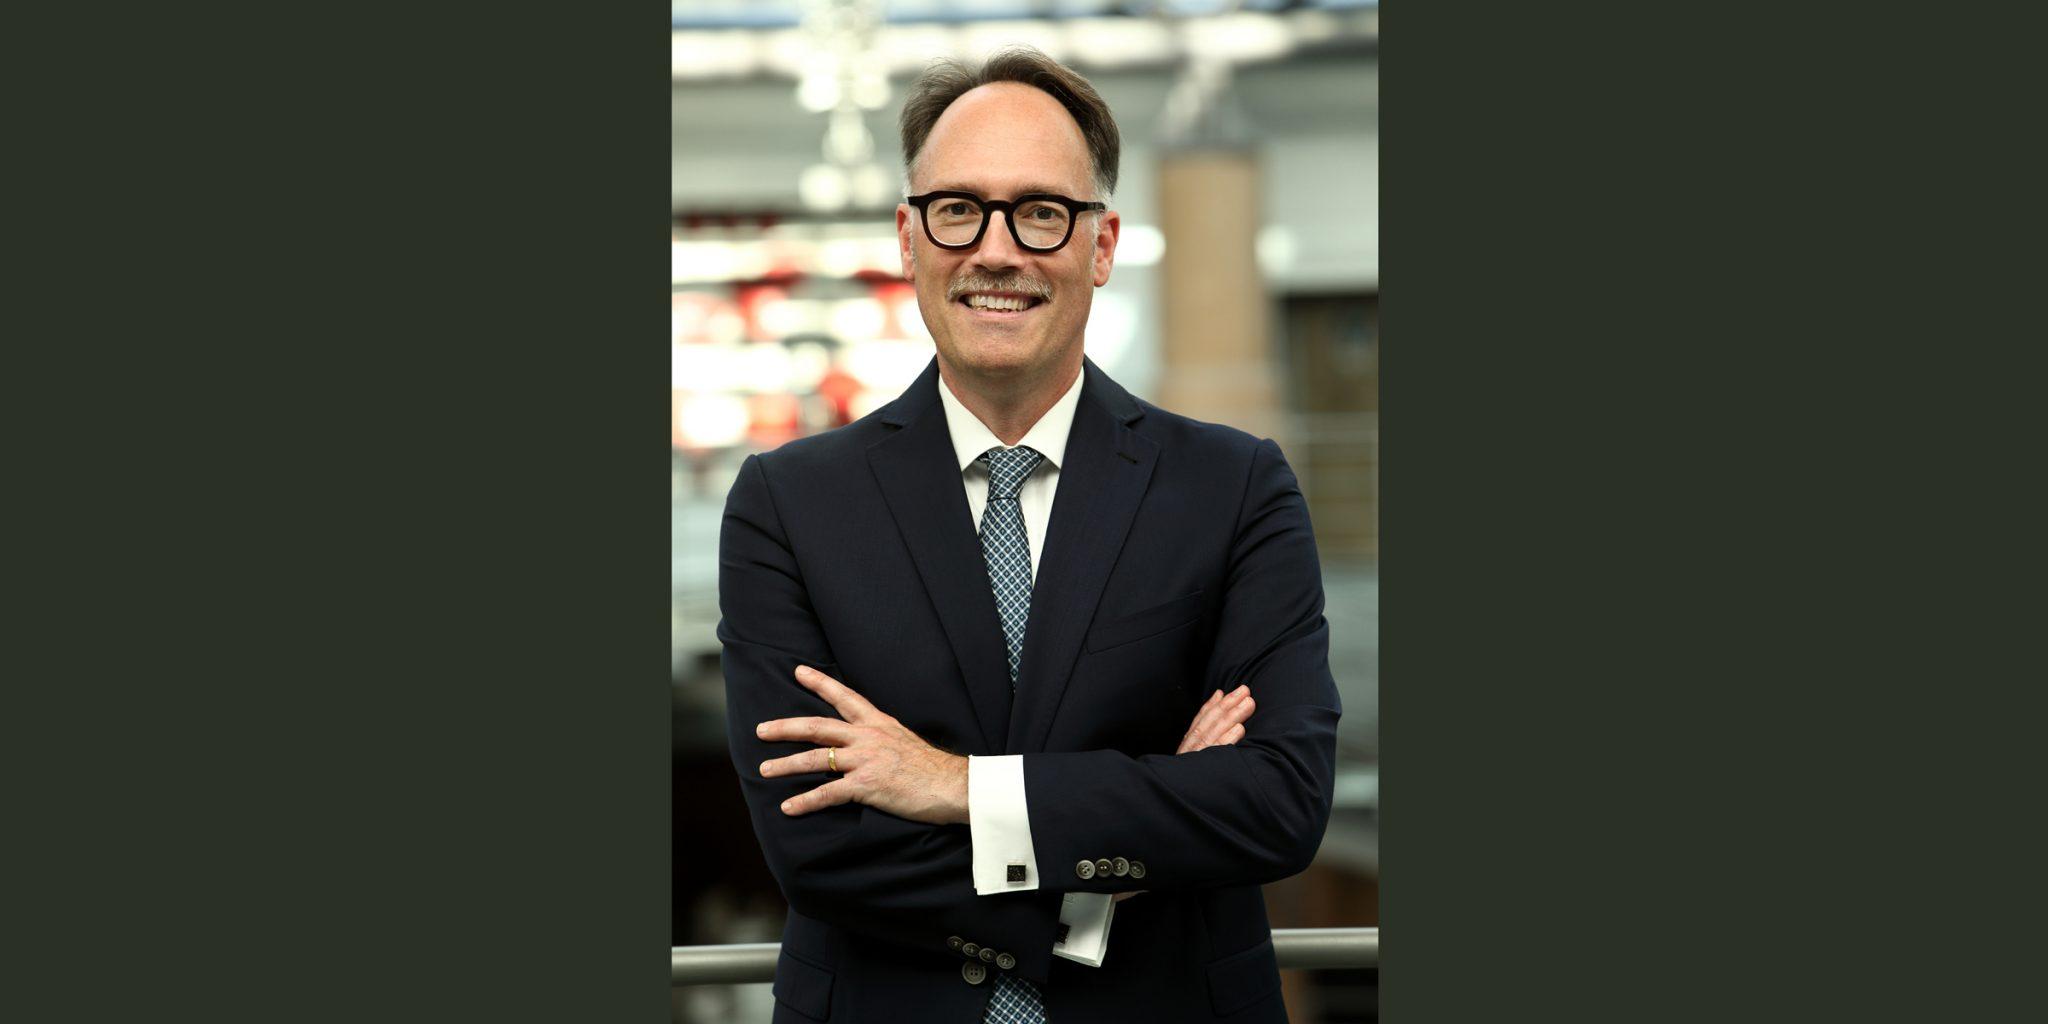 Farbporträt eines freundlich lächelnden Mannes von der Deutsche Bank Luxemburg mit auffälliger, schwarzer Brille, der in einem eleganten, dunklen Business-Anzug und mit überkreuzten Armen posiert.